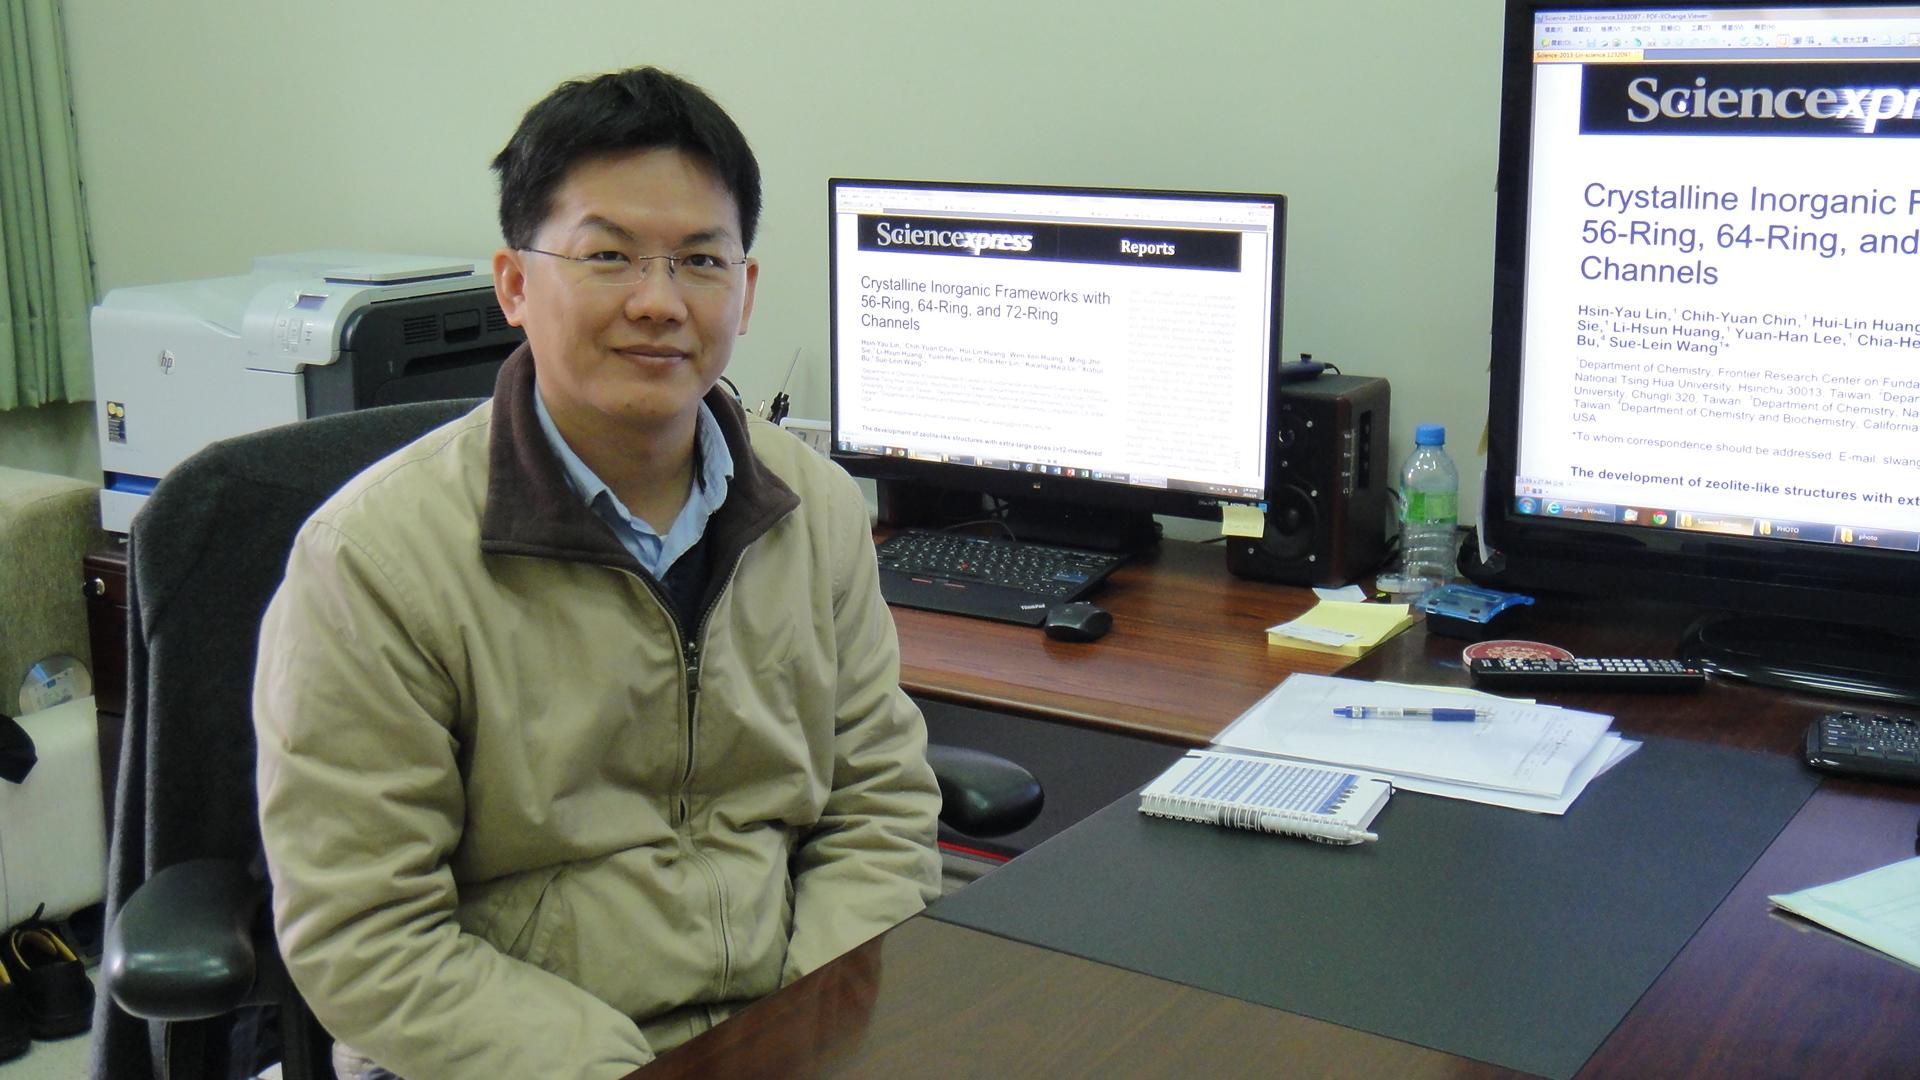 賀!化學系林嘉和副教授研究成果 榮登國際著名期刊Science